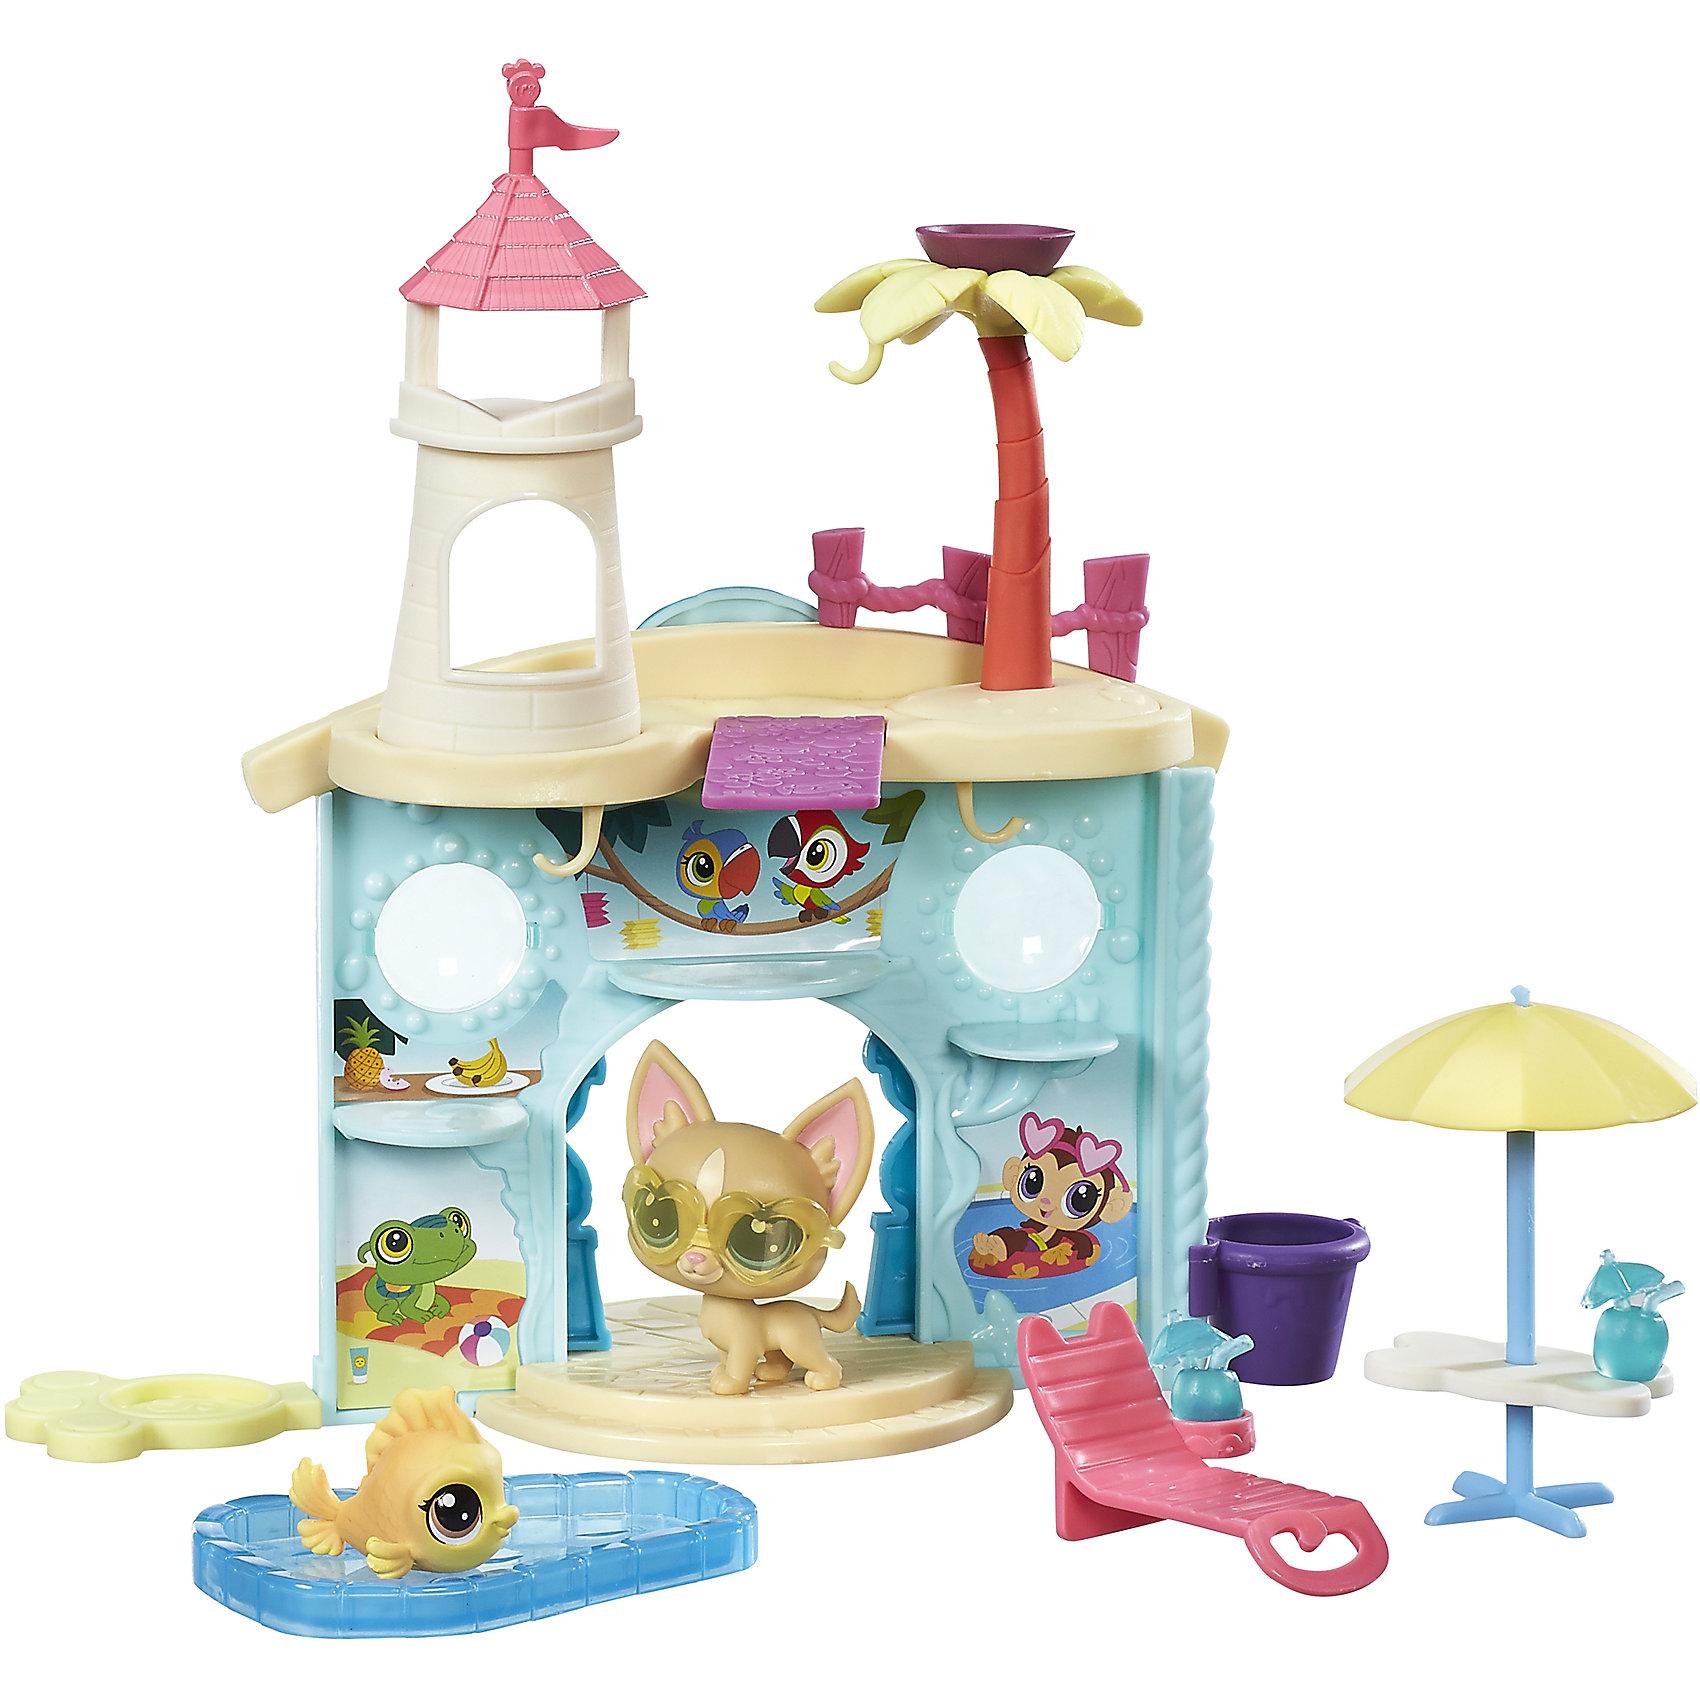 Набор Дисплей для питомцев, Littlest Pet Shop, B9344/C0042Игрушки<br>Набор Дисплей для питомцев, Littlest Pet Shop, B9344/C0042<br><br>Характеристики:<br><br>- в набор входит: аквапарк-дисплей, шезлонг, столик с зонтиком, бассейн, 2 питомца<br>- состав: пластик<br>- для детей в возрасте: от 4 до 10 лет<br>- Страна производитель: Китай<br><br>Знаменитые питомцы Littlest Pet Shop (Литтлест Пэт Шоп) от известного американского бренда товаров для детей Hasbro (Хасбро) получили новый набор с аквапарком! Двухсторонний аквапарк несмотря на свою компактность вмещает все необходимое для отличной игры. Красивый вход украшен ступеням и рельефными декорациями стен, на крыше расположена башенка и пальма. <br><br>В самом аквапарке расположены места для питомцев, имеются изображения тропических животных и фруктов. На крыше расположена доска для прыжков в воду, в набор включен шезлонг, столик с зонтом от солнца, бассейн и коктейль. Главные отдыхающие в этом аквапарке – Чихуахуа в стильных очках (в каталоге питомцев №92) и золотая рыбка (в каталоге № 54). Проведите замечательный день в аквапарке Littlest Pet Shop (Литтлест Пэт Шоп). <br><br>Набор отлично подойдет как для игры дома, так и для игр в поездке. Все детали изготовлены из высококачественного пластика. Играя с этим набором ребенок сможет развивать социальные навыки, развивать воображение и творческие способности. <br><br>Набор Дисплей для питомцев, Littlest Pet Shop, B9344/C0042 можно купить в нашем интернет-магазине.<br><br>Ширина мм: 51<br>Глубина мм: 279<br>Высота мм: 203<br>Вес г: 373<br>Возраст от месяцев: 48<br>Возраст до месяцев: 120<br>Пол: Женский<br>Возраст: Детский<br>SKU: 5388369